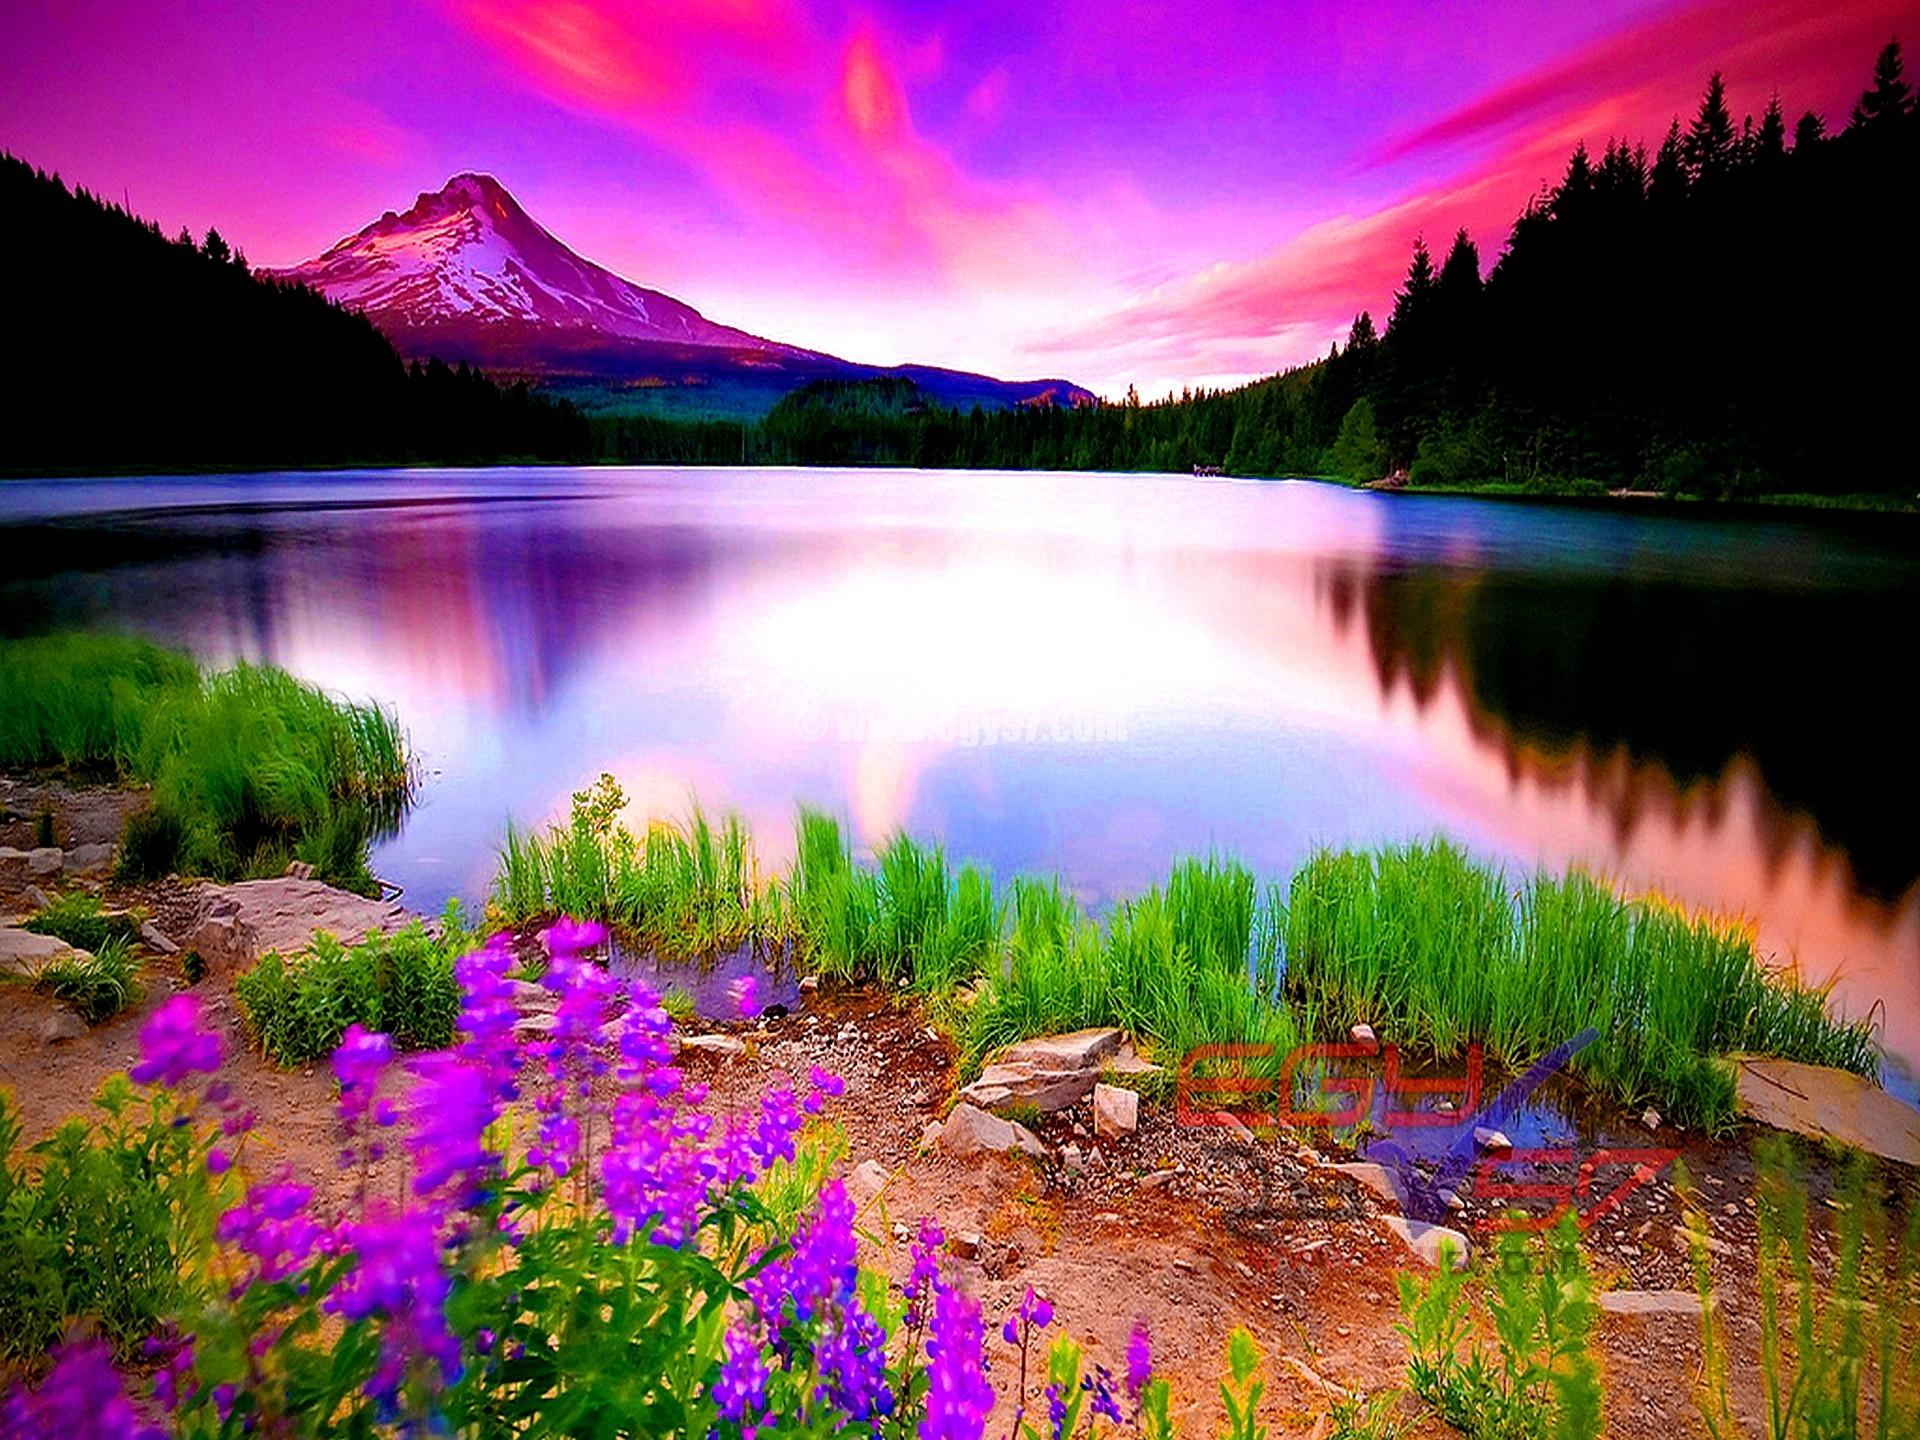 بالصور جمال الطبيعة , شاهد بالصور ابداع الخالق فى جمال الطبيعة 454 7